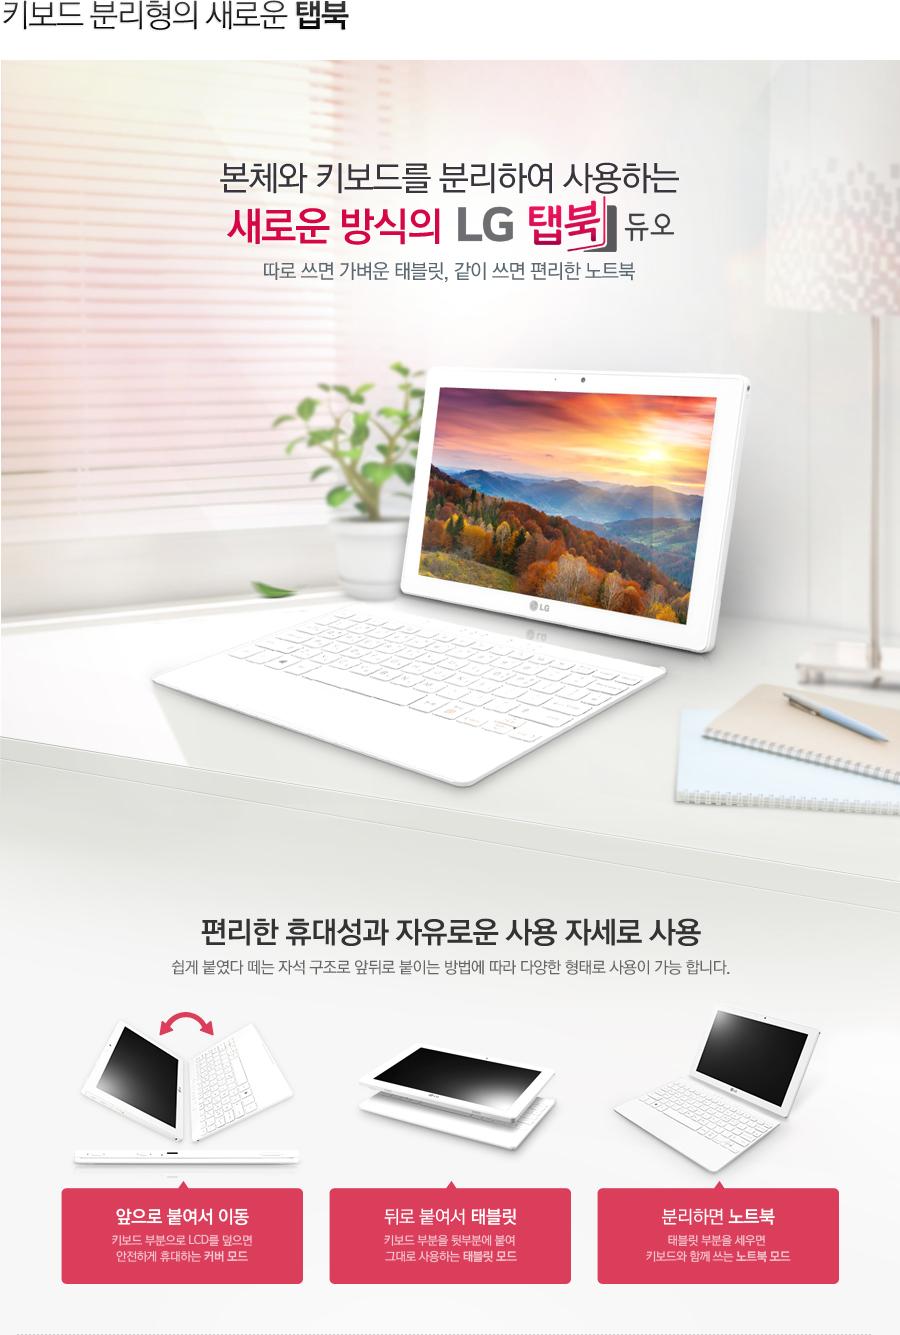 키보드 분리형의 새로운 탭북